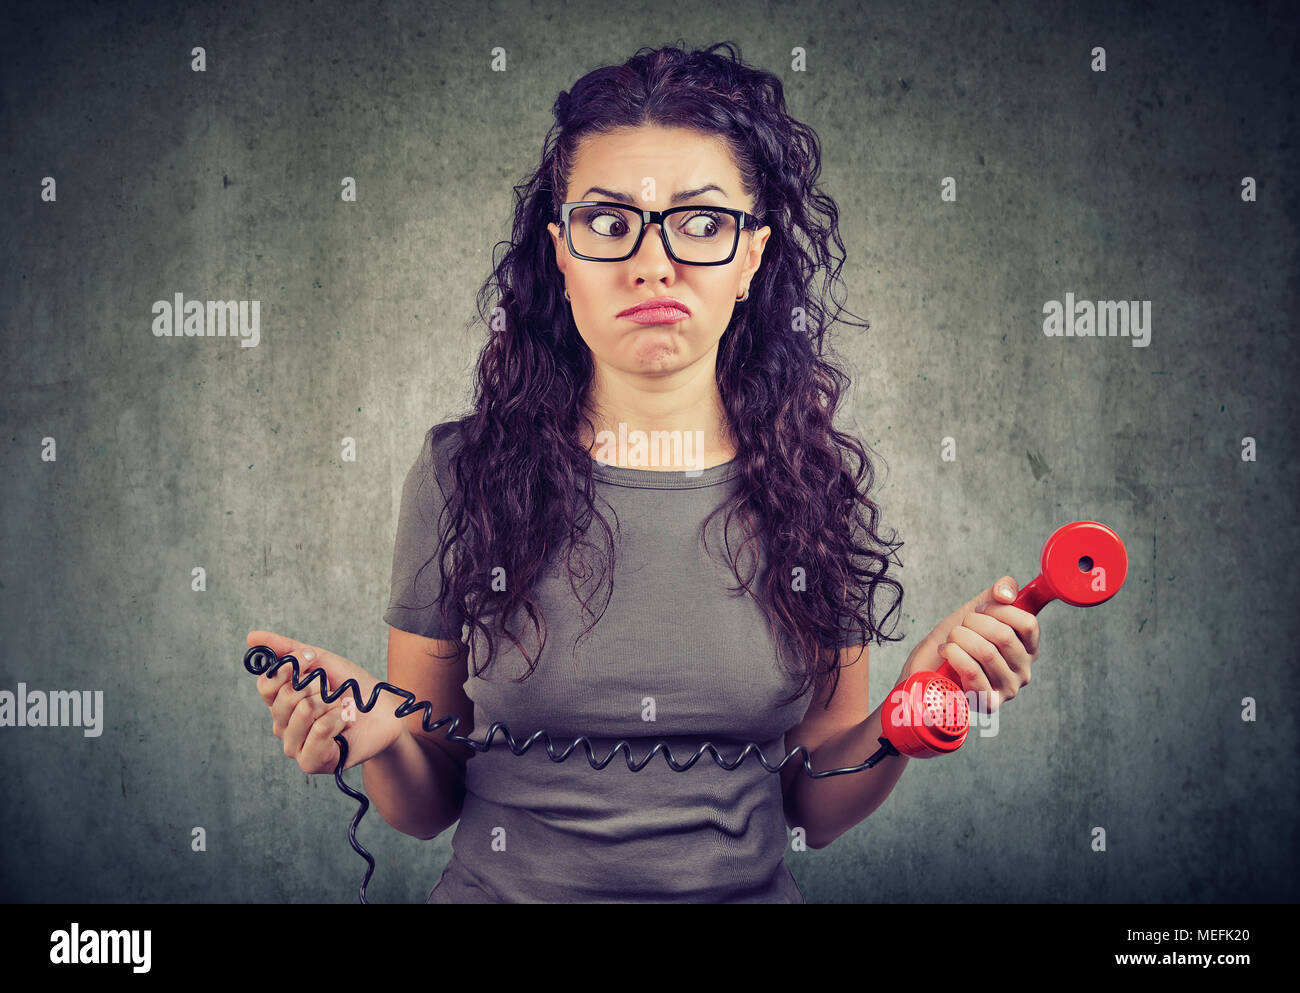 Jeune femme à la recherche avec perplexité holding old fashioned red combiné. Photo Stock